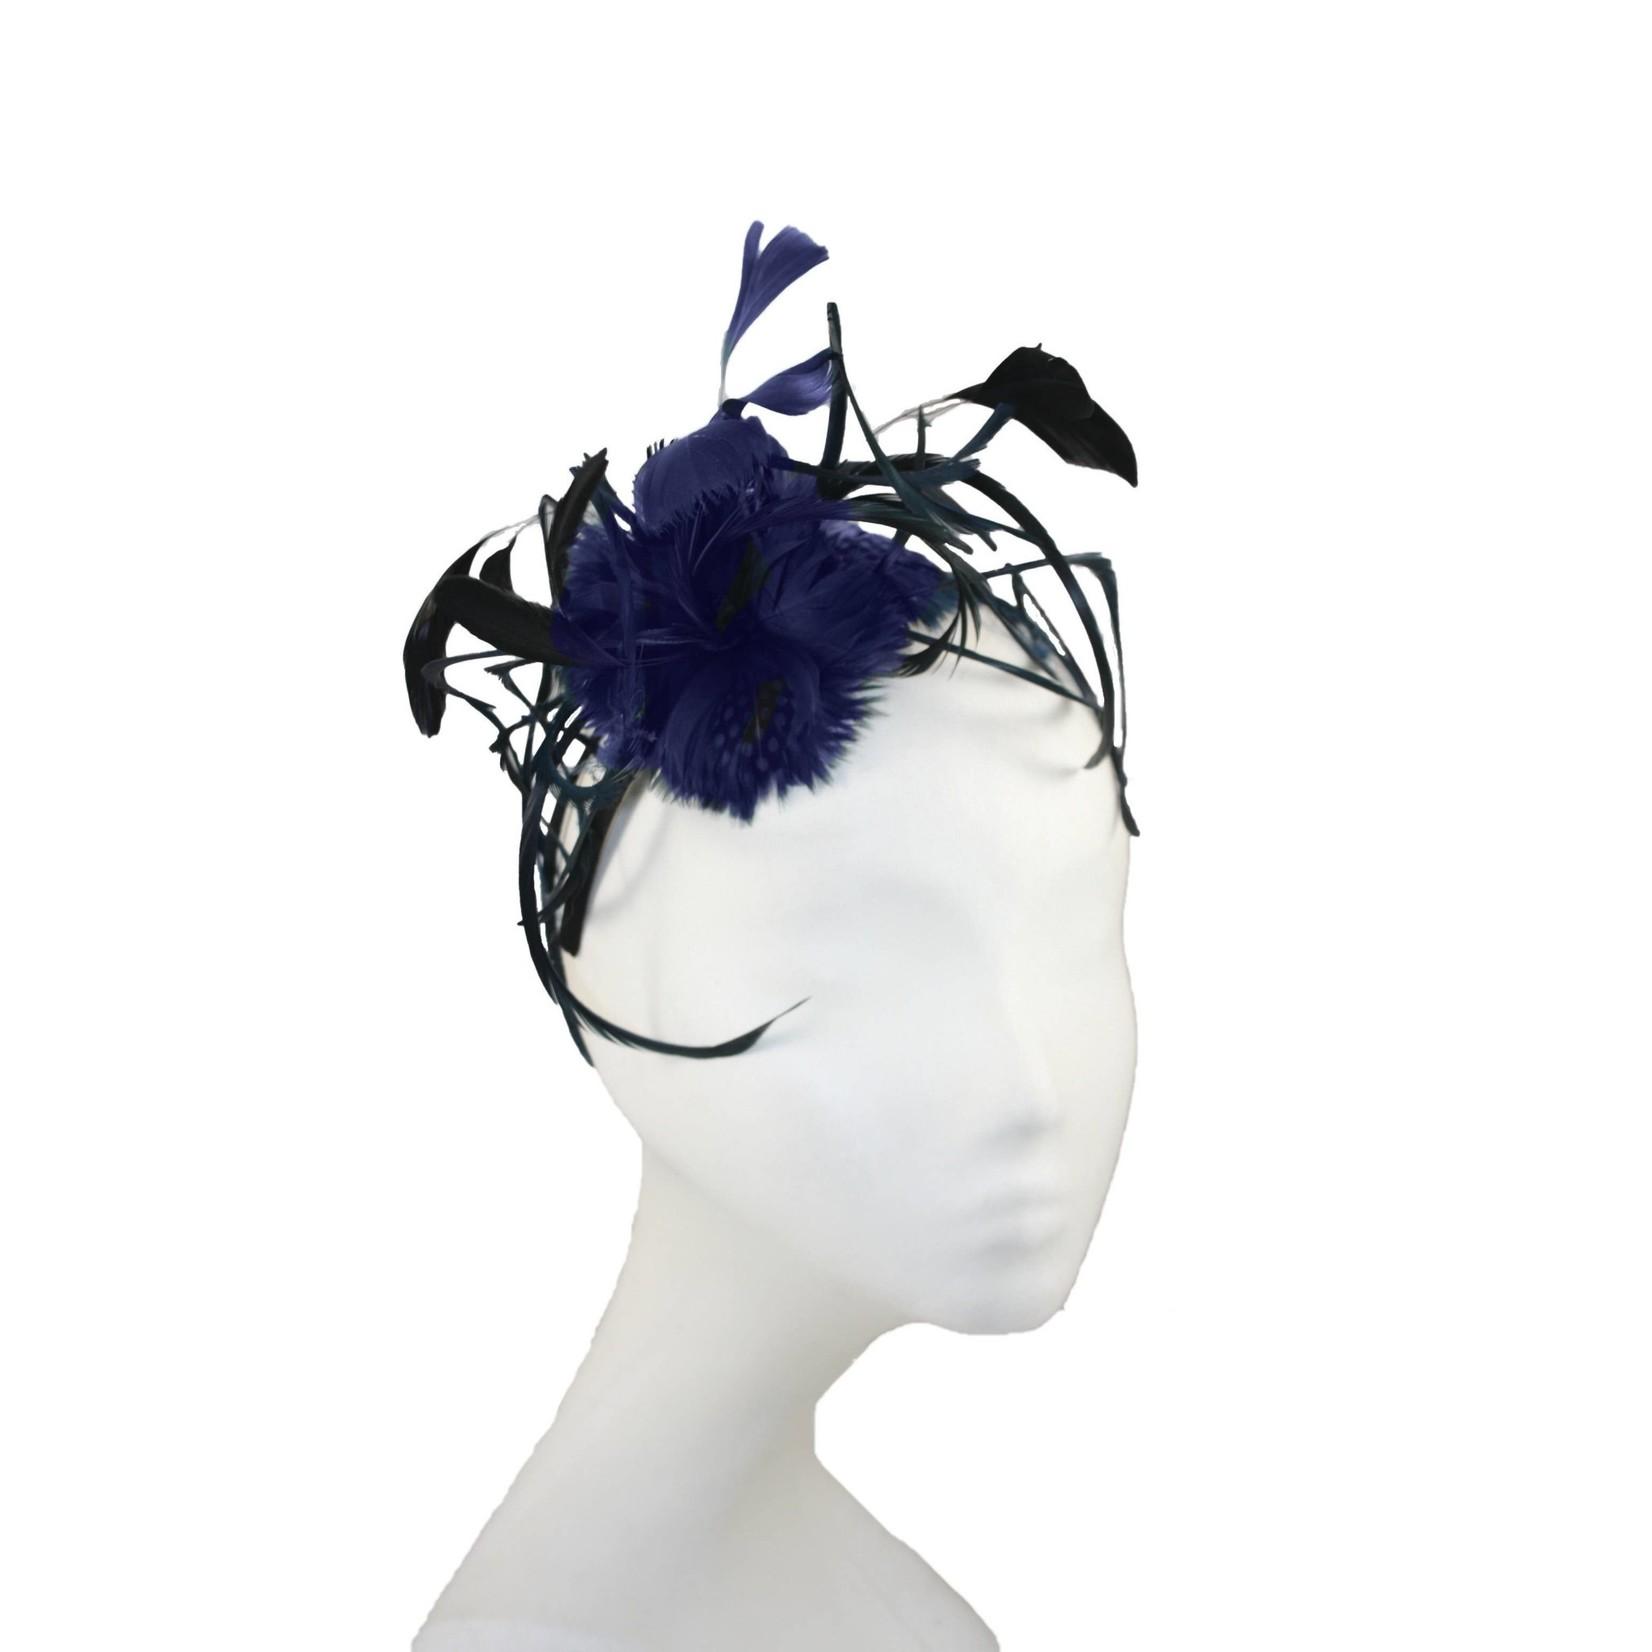 Jeanne Simmons Fascinator Headband of Purple Feathers